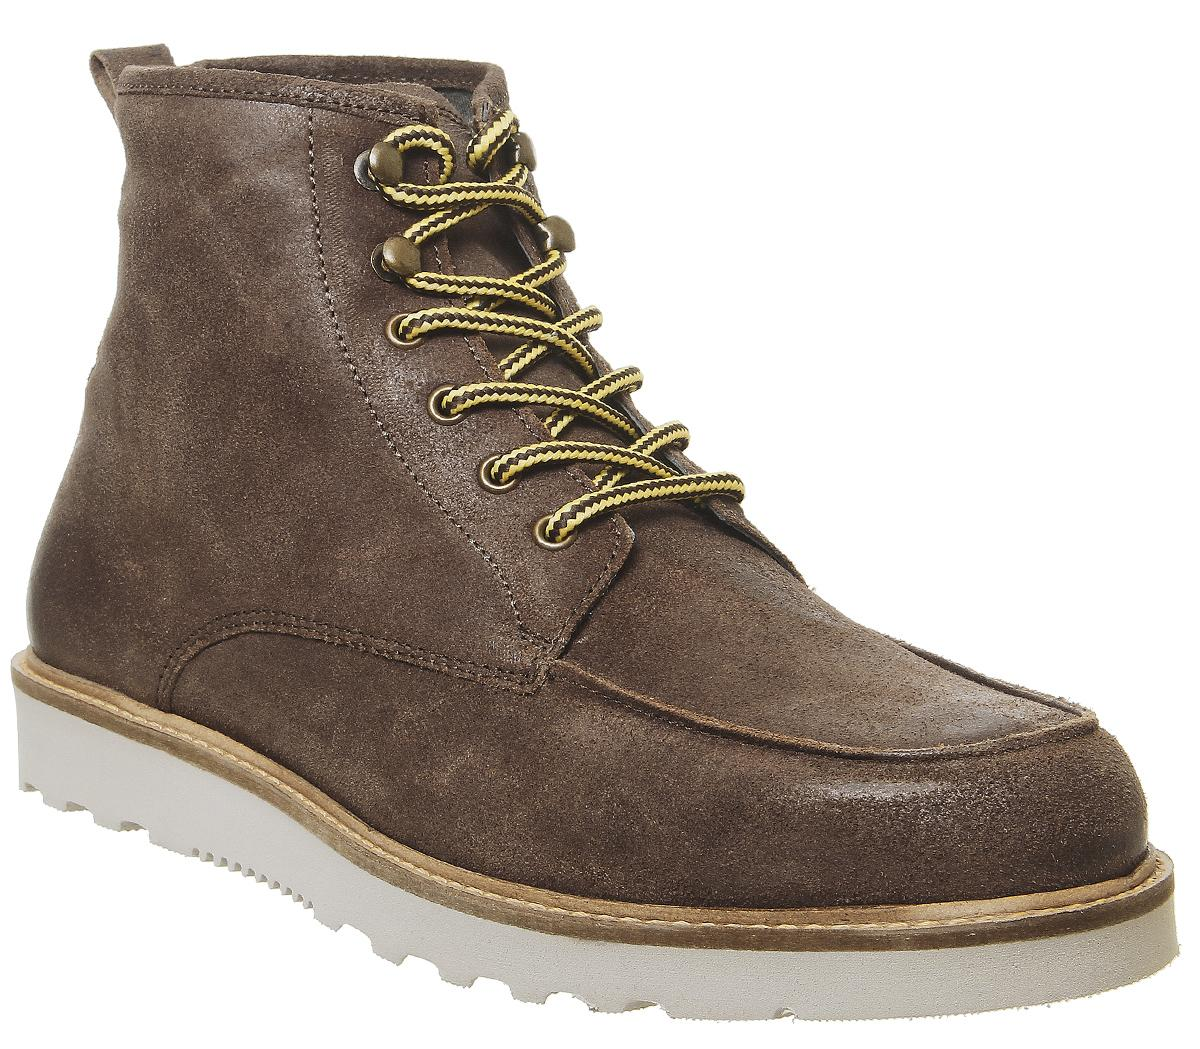 Bowen Hiker Boot